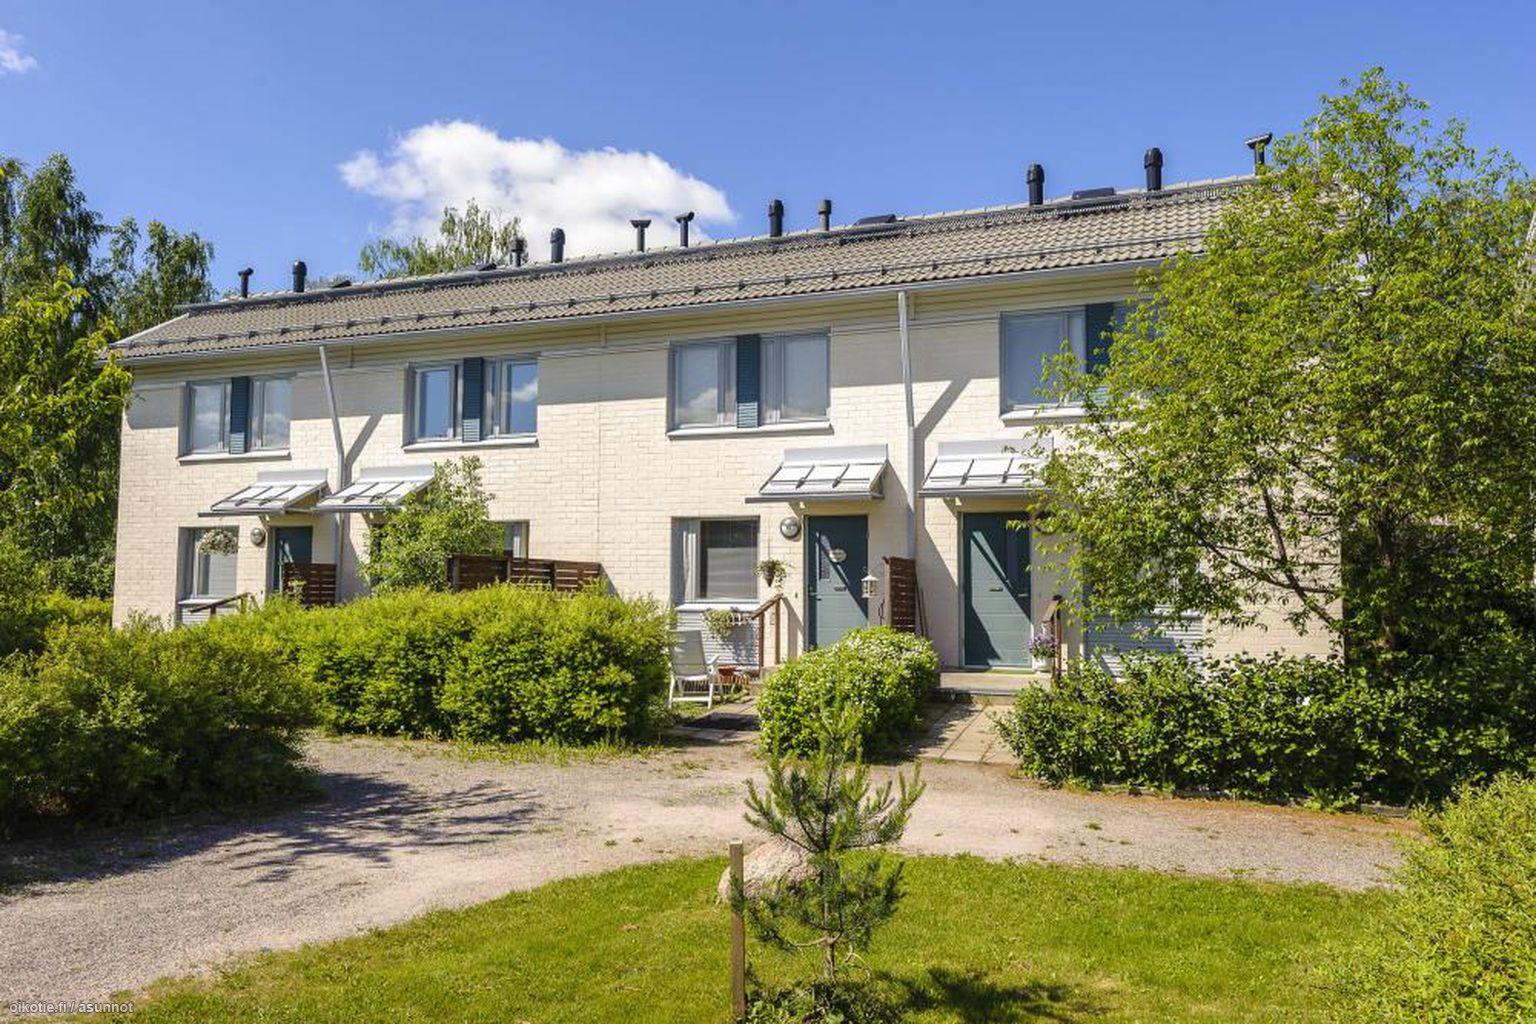 82,5 m² Juvanpuisto 1, 02920 Espoo Rivitalo 3h myynnissä - Oikotie 7736107